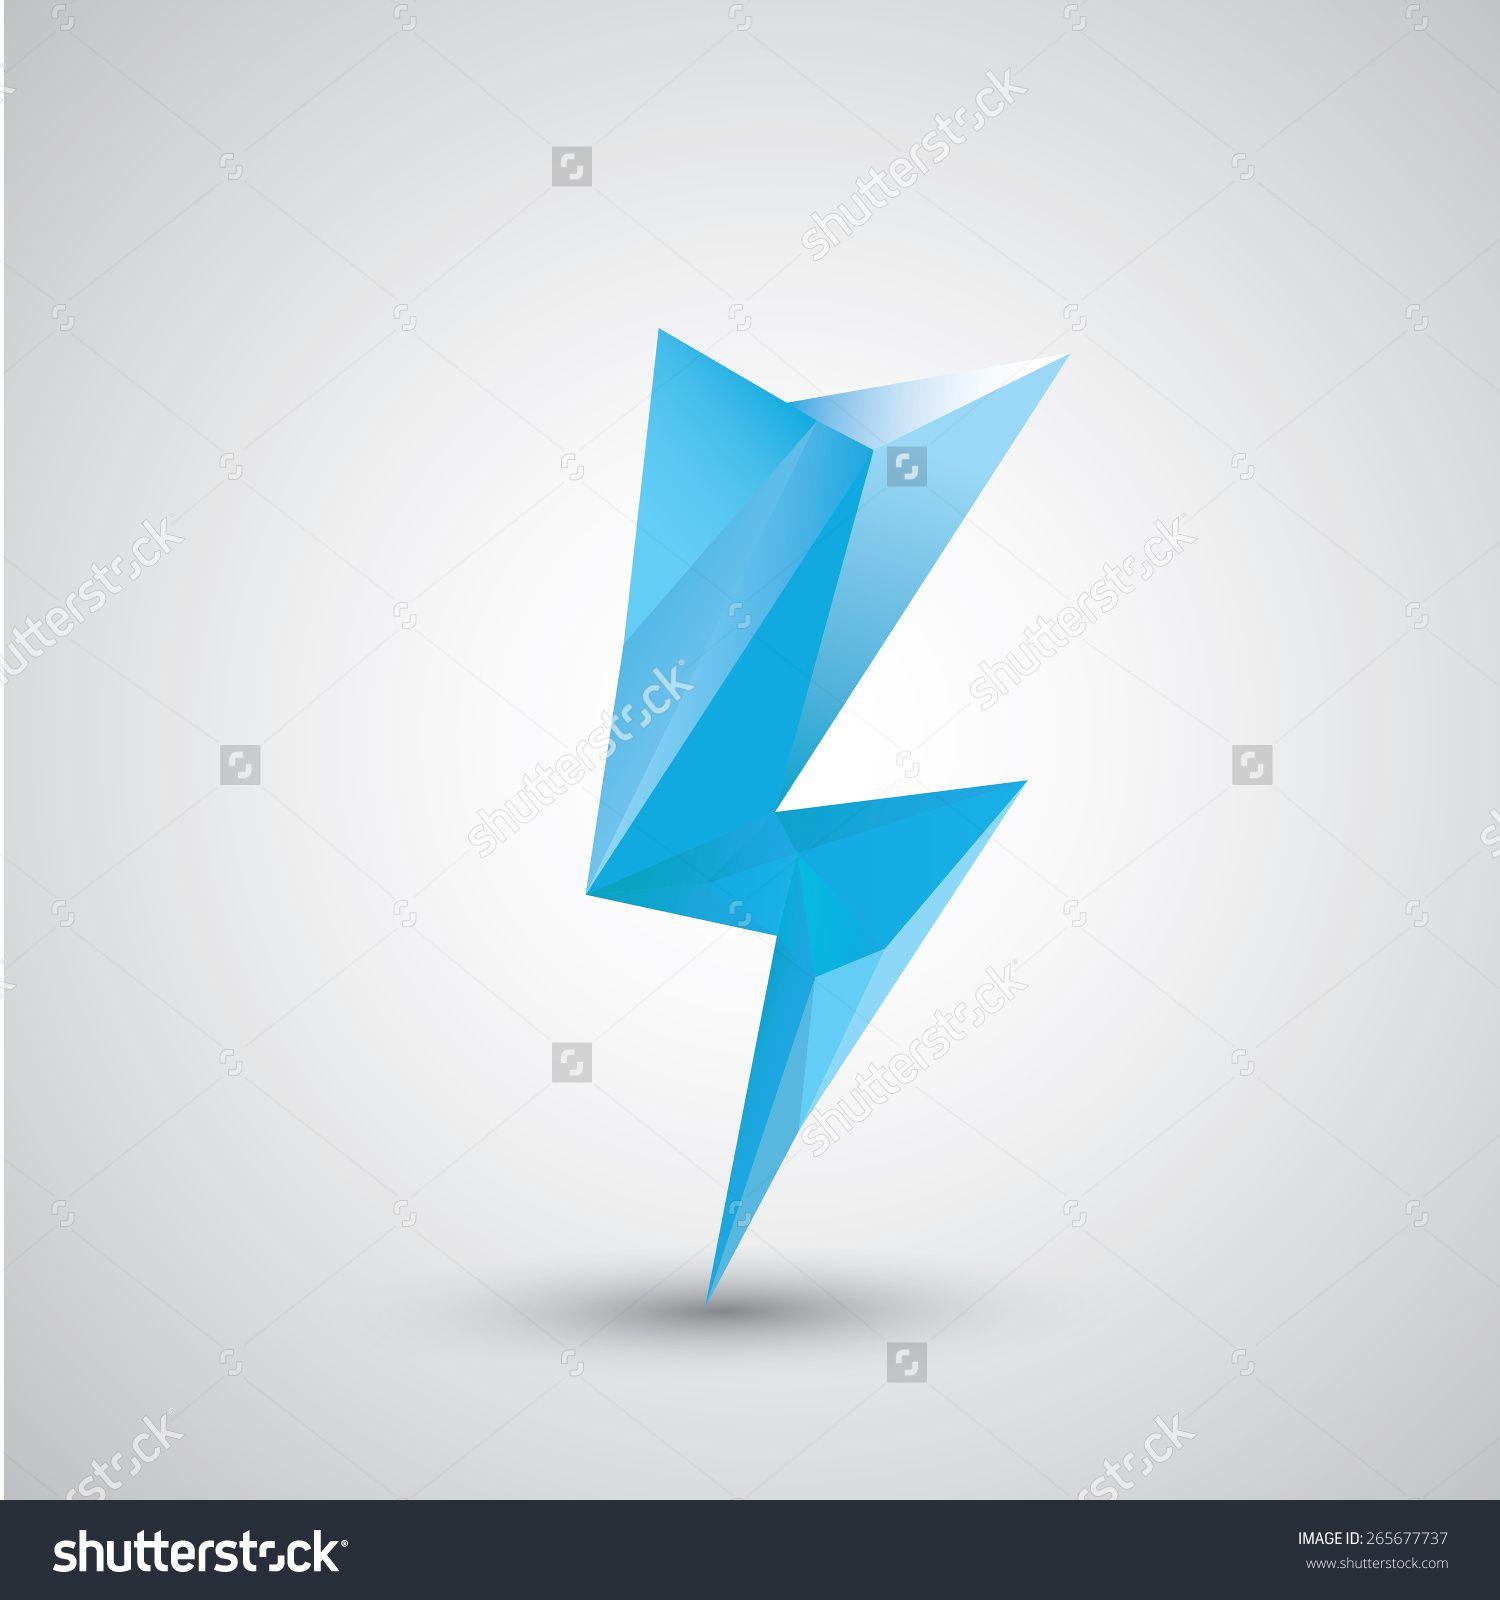 lightning bolt geometric - Google Search   Tattoo Ideas ...